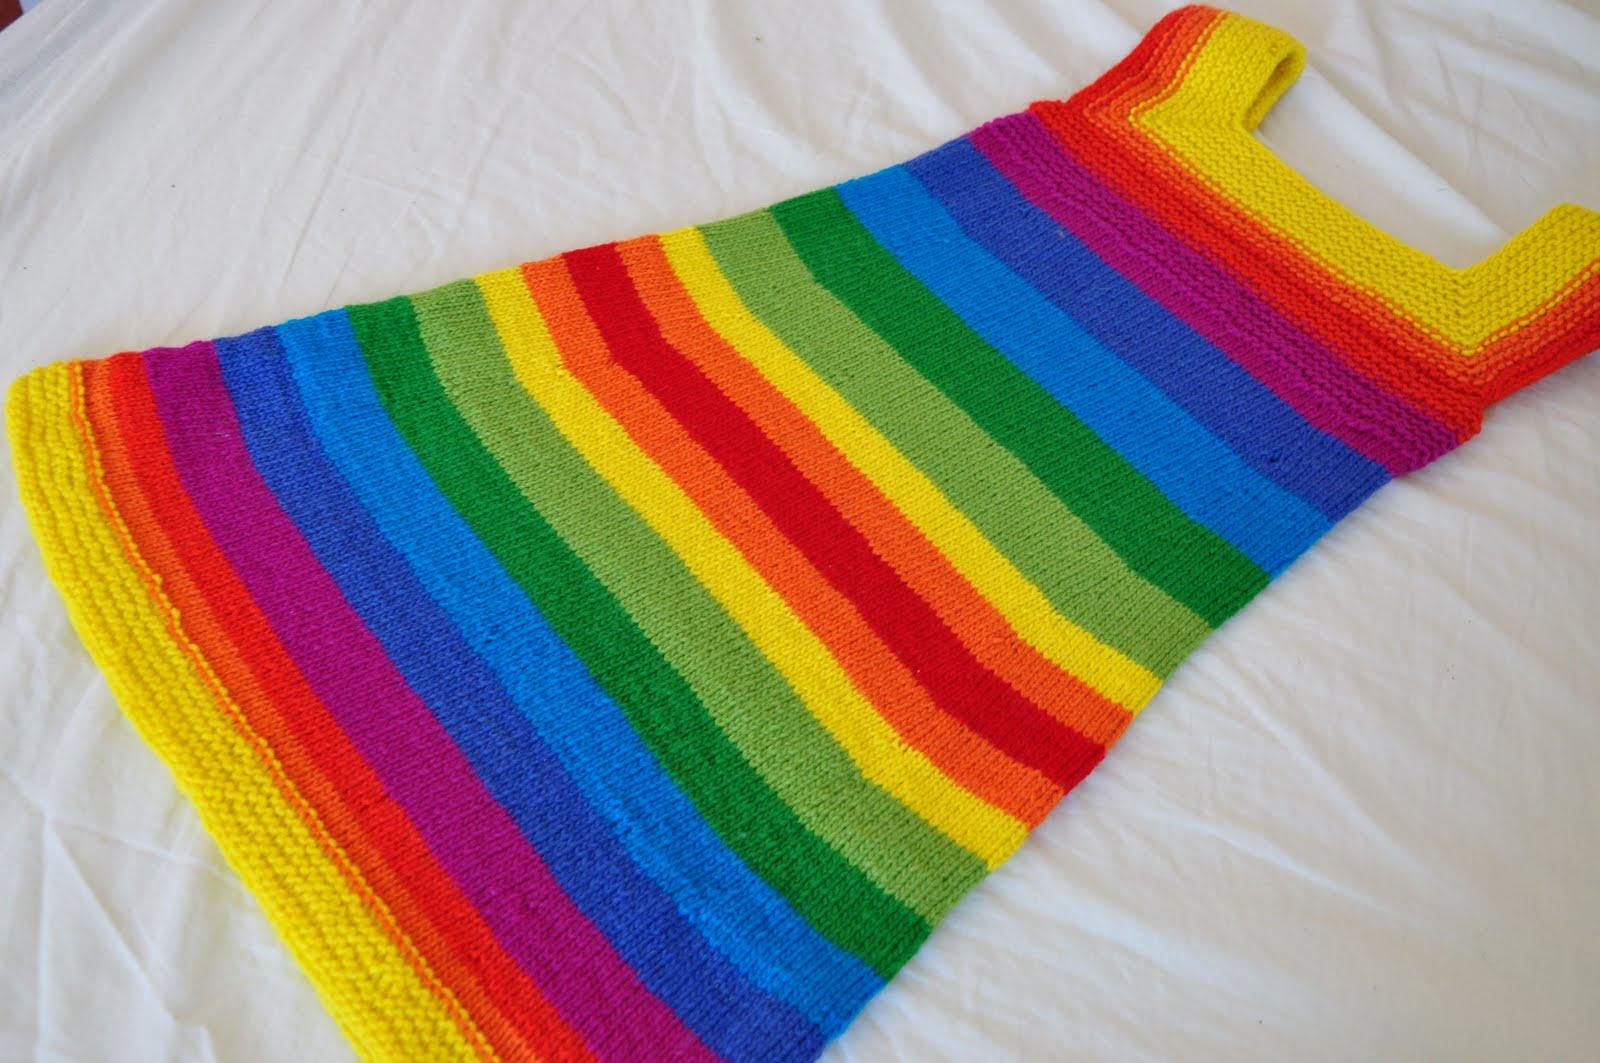 506ae685 Han kledde den veldig bra. Blir supert når han skal starte i barnehagen til  høsten igjen. Og til dere som har spurt: Mønster på denne kjolen finner du  her.